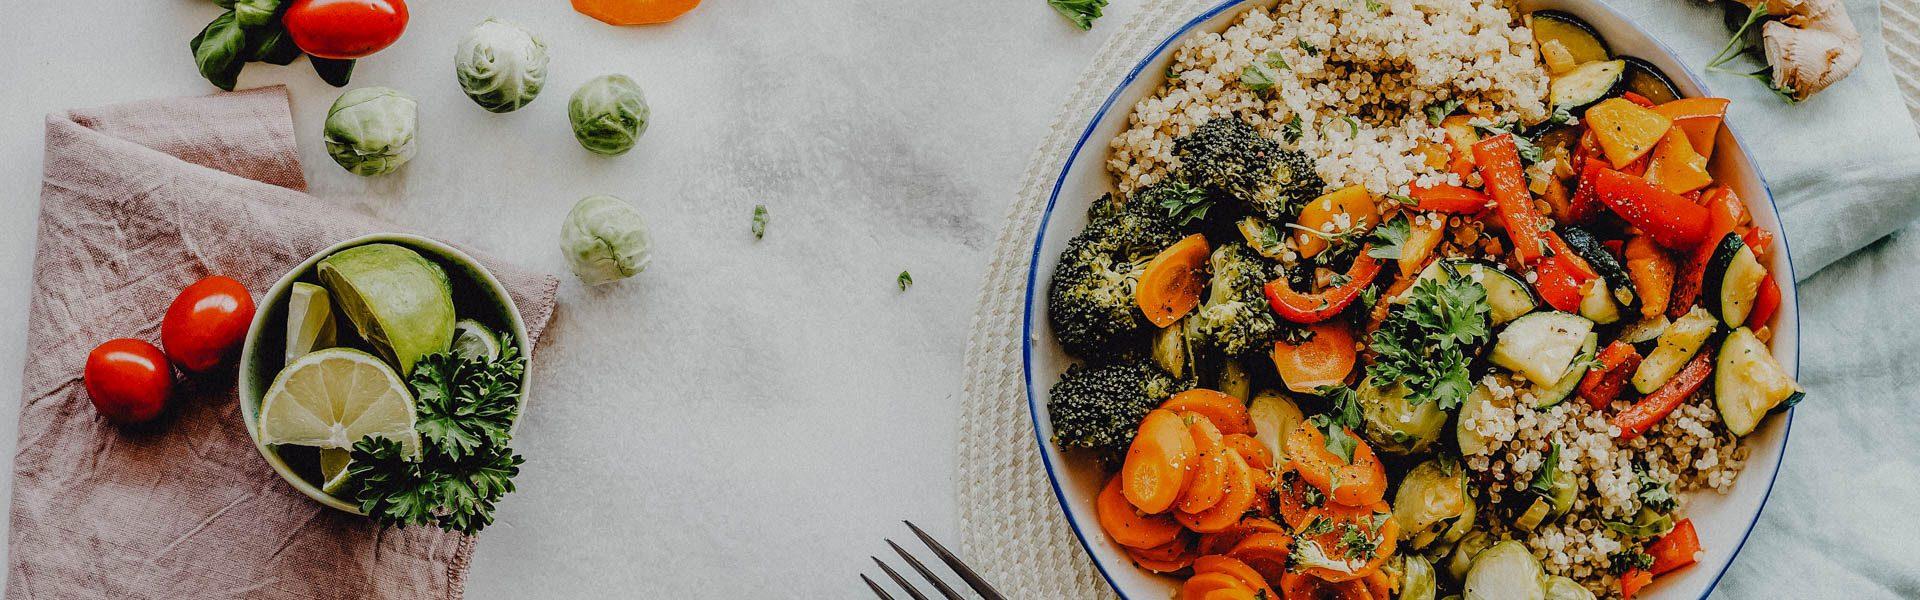 SichtWeisen | Gesunde Ernährung: Eigenverantwortung oder Staatsangelegenheit? | Foto von Ella Olsson von Pexels